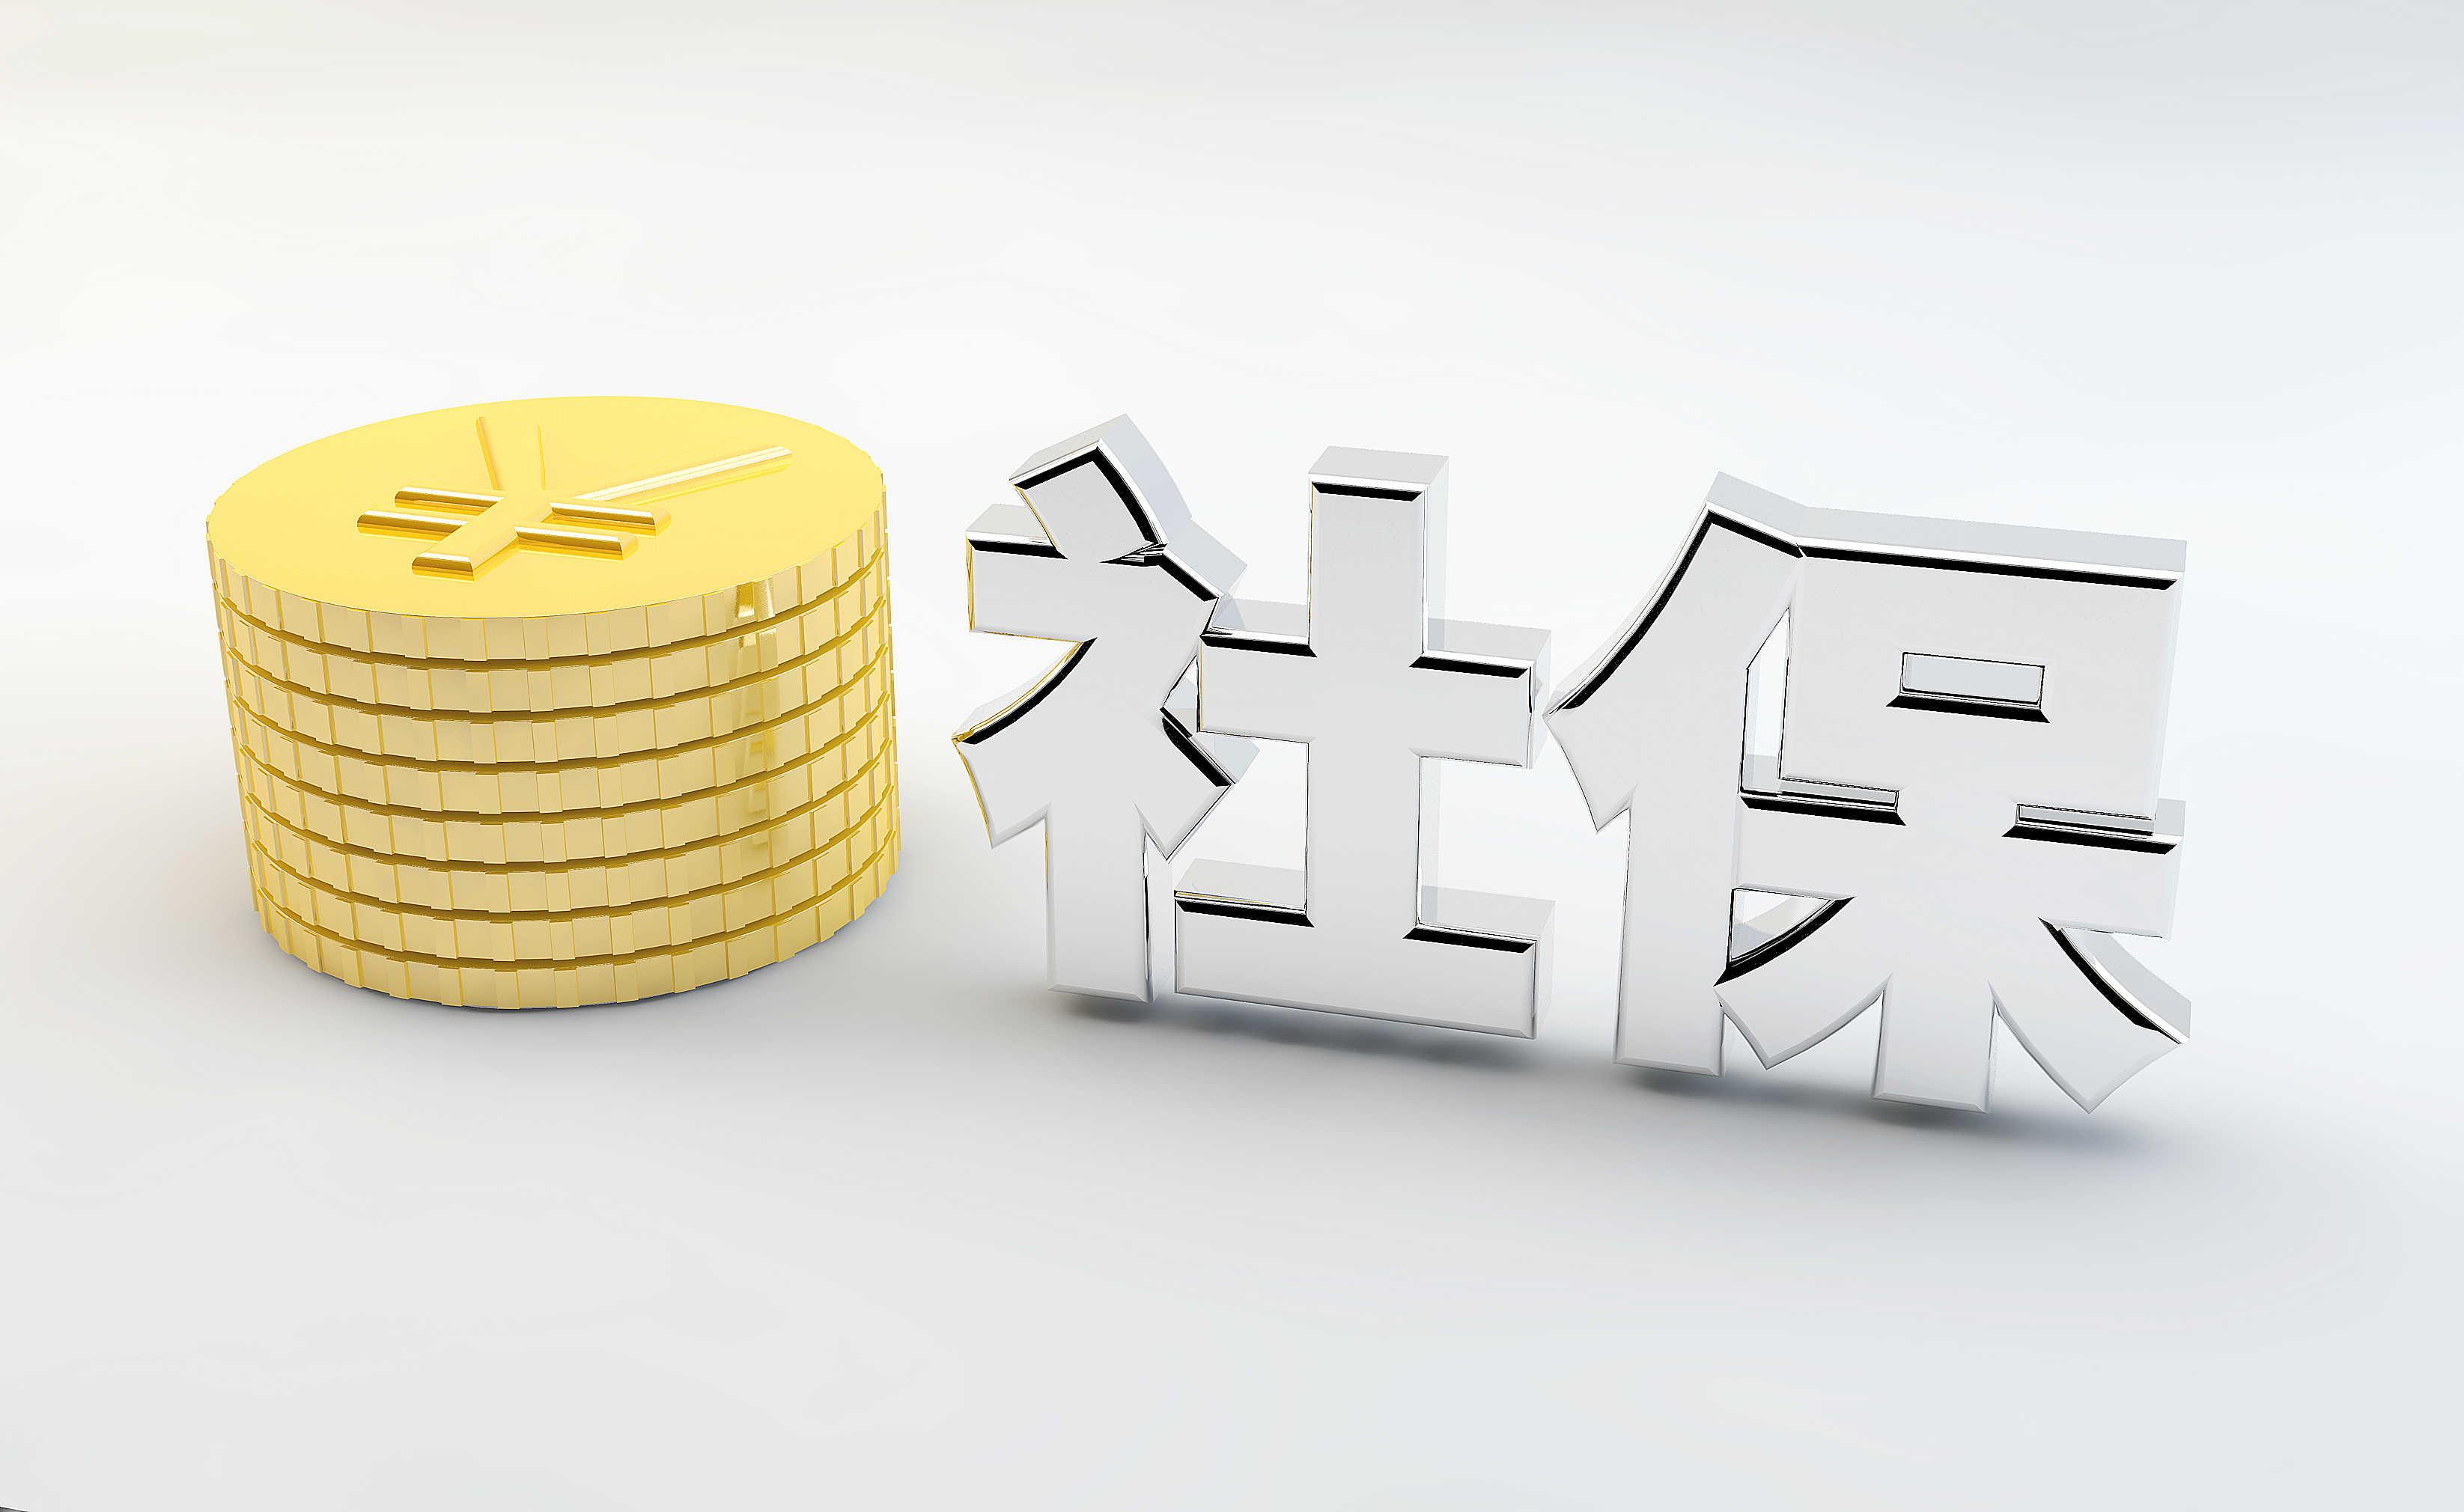 小型企业选择重庆社保代缴,需要规避这几点可能存在的风险